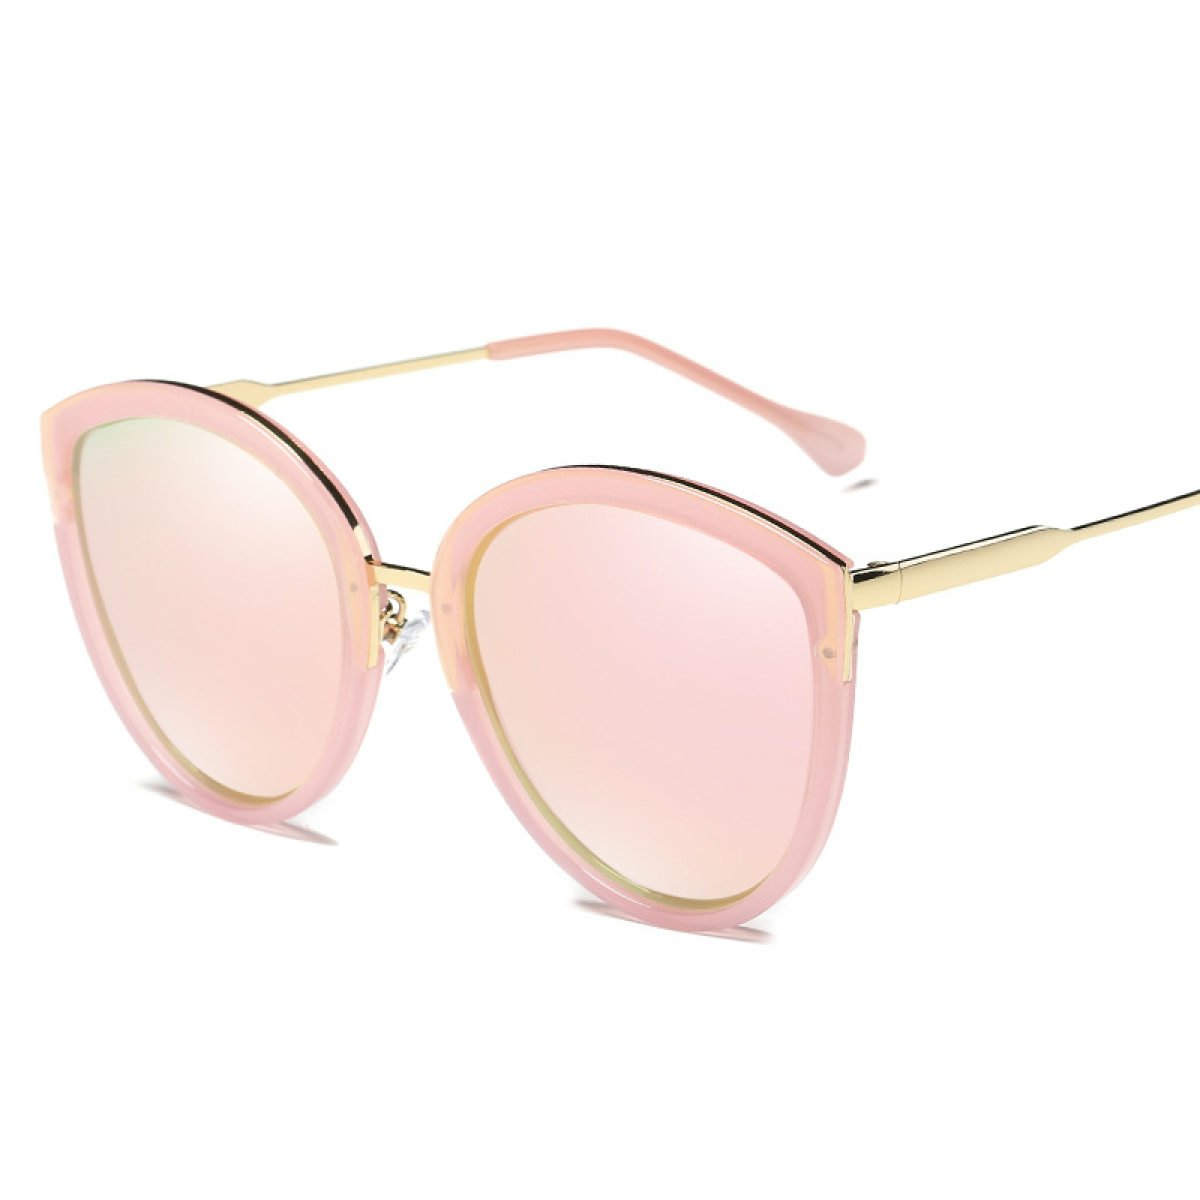 WKAIJC Mode Damen Polarisiertes Licht Kreisförmig Persönlichkeit Bequem Kreativ Schöne Sonnenbrillen Mode Sonnenbrillen,E